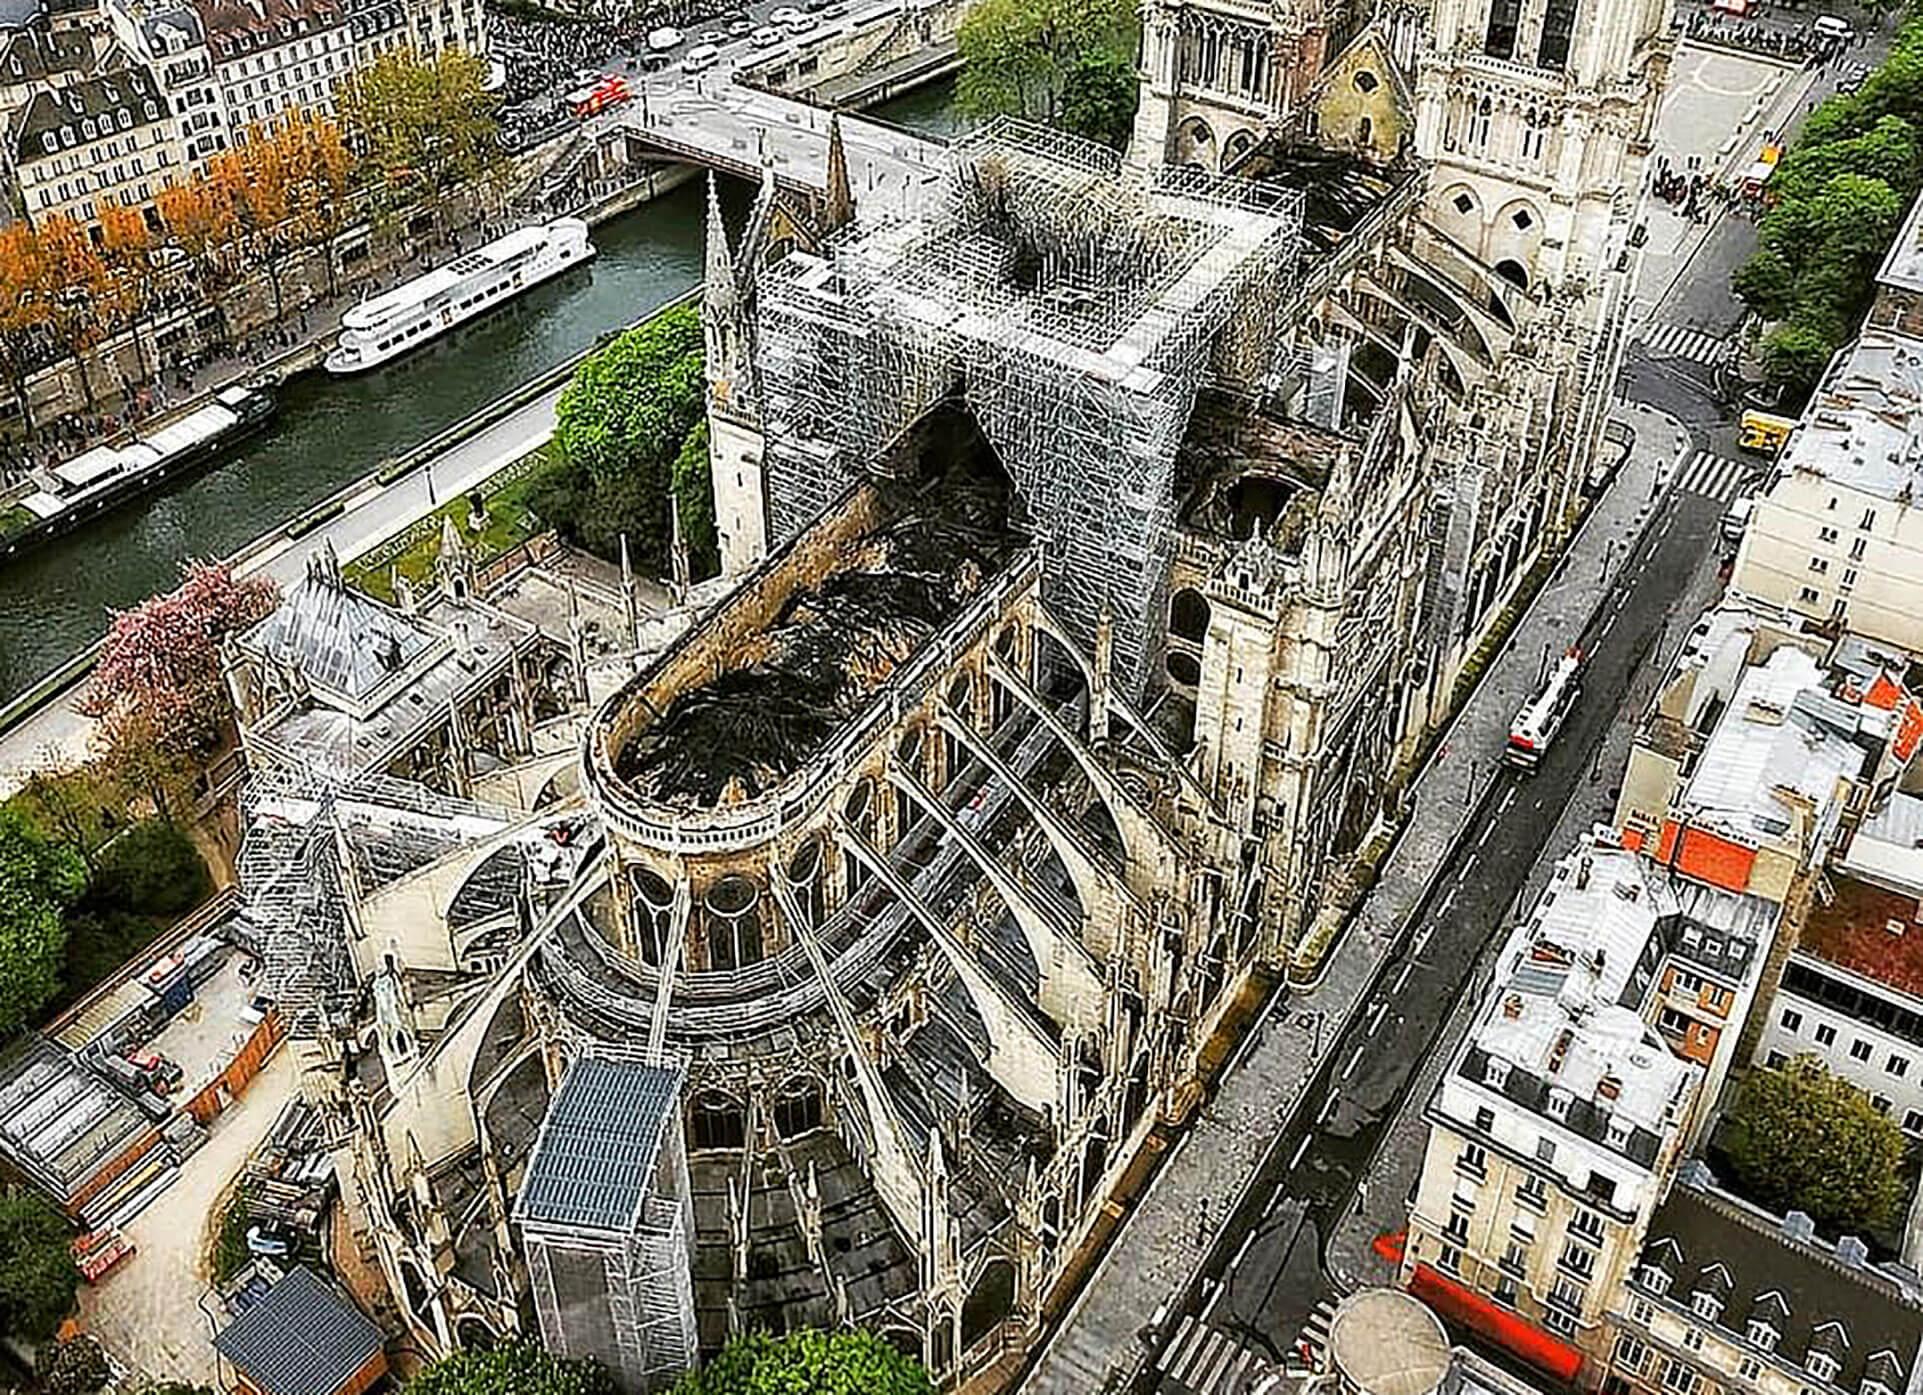 Παρίσι: Η Παναγία των Παρισίων ξαναβρίσκει την παλιά της αίγλη